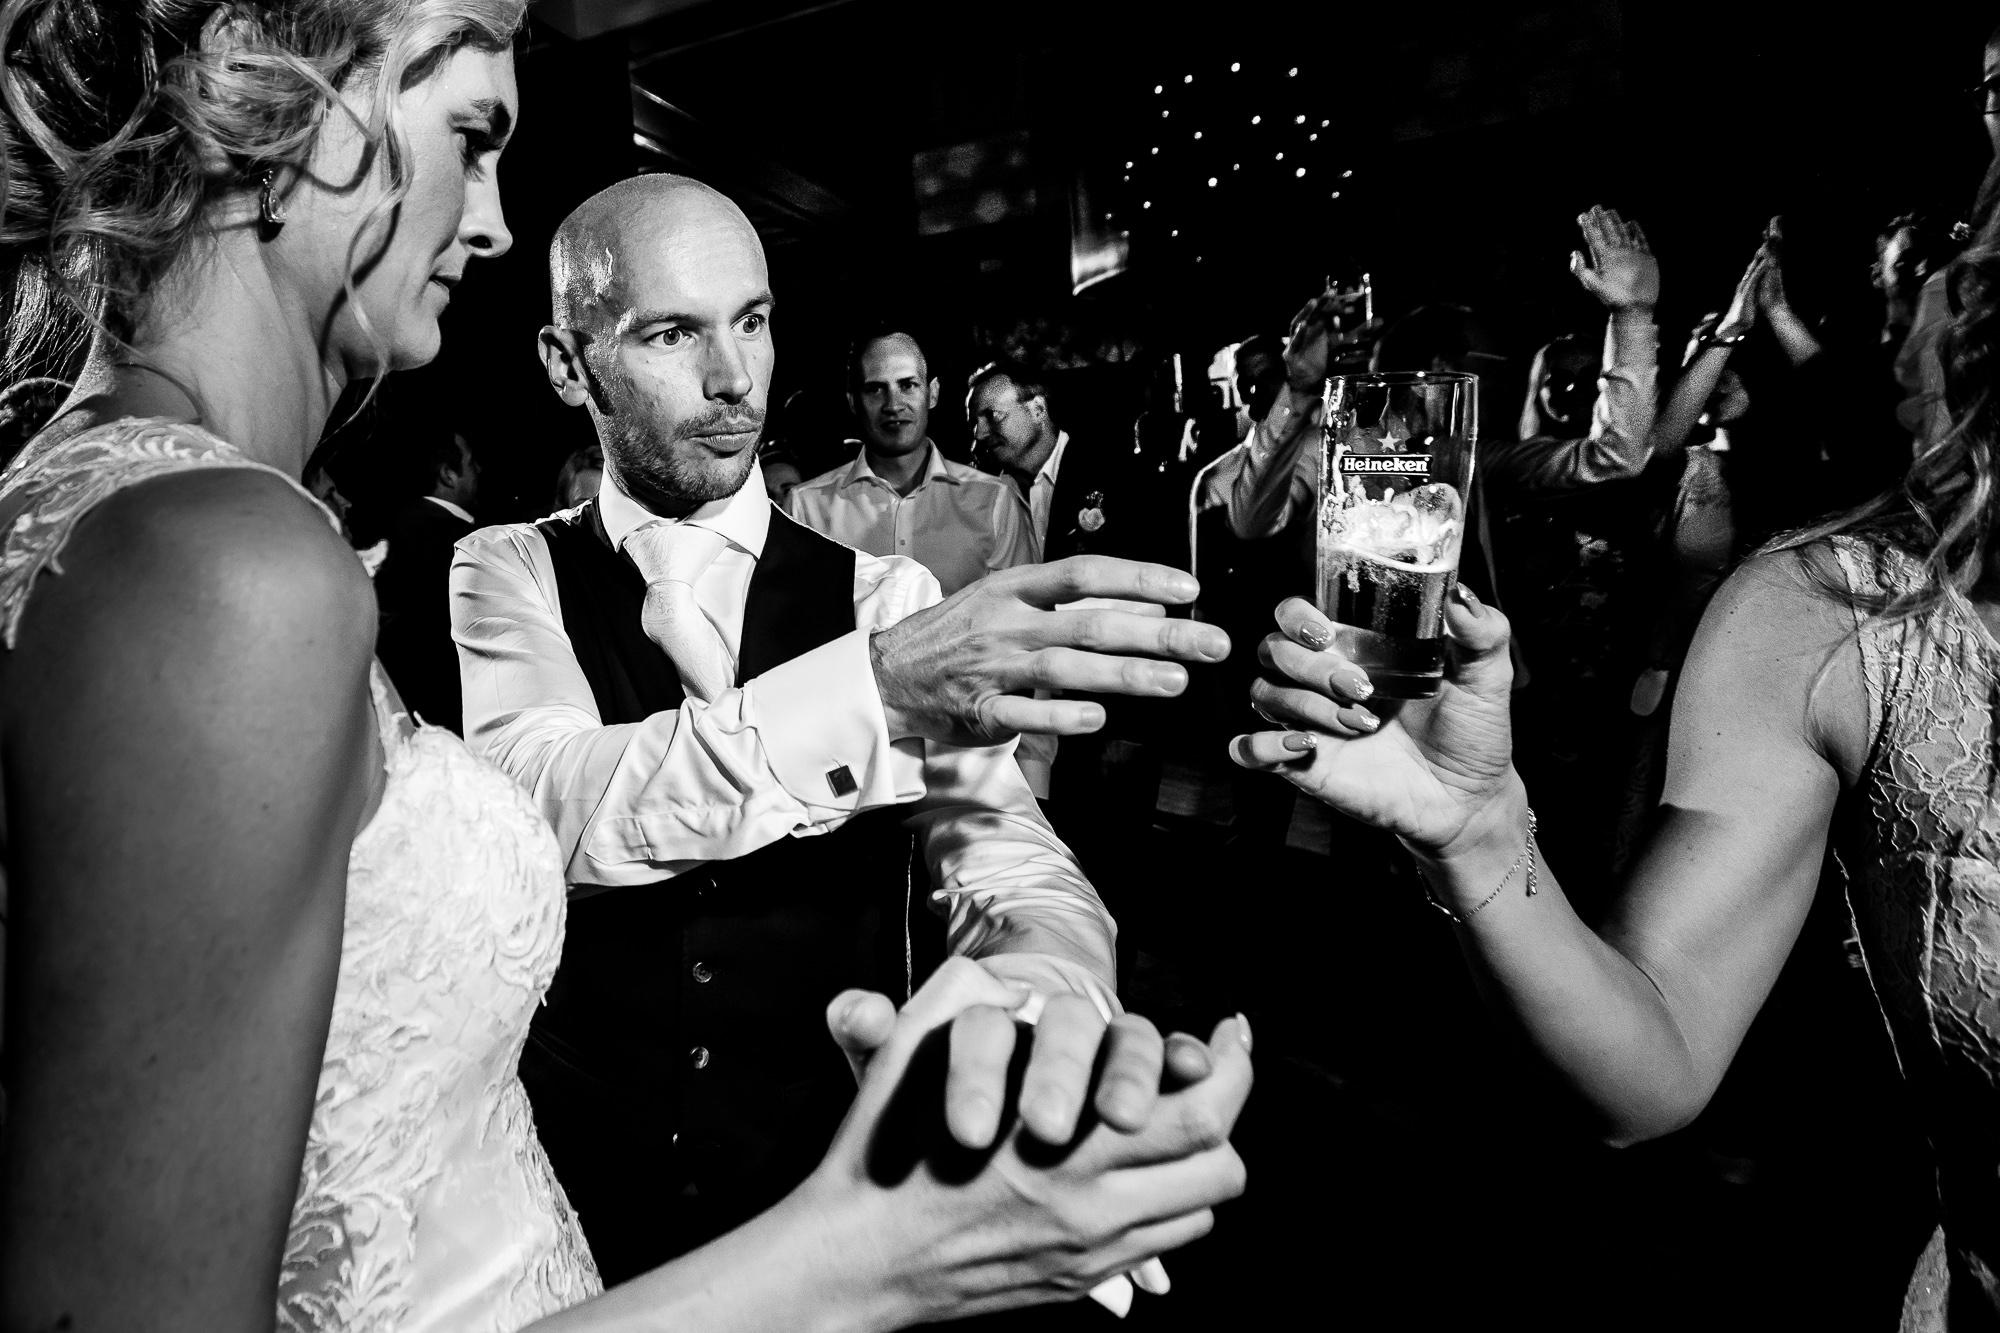 Bruidegom krijgt een biertje aangeboden en kijkt verbaasd